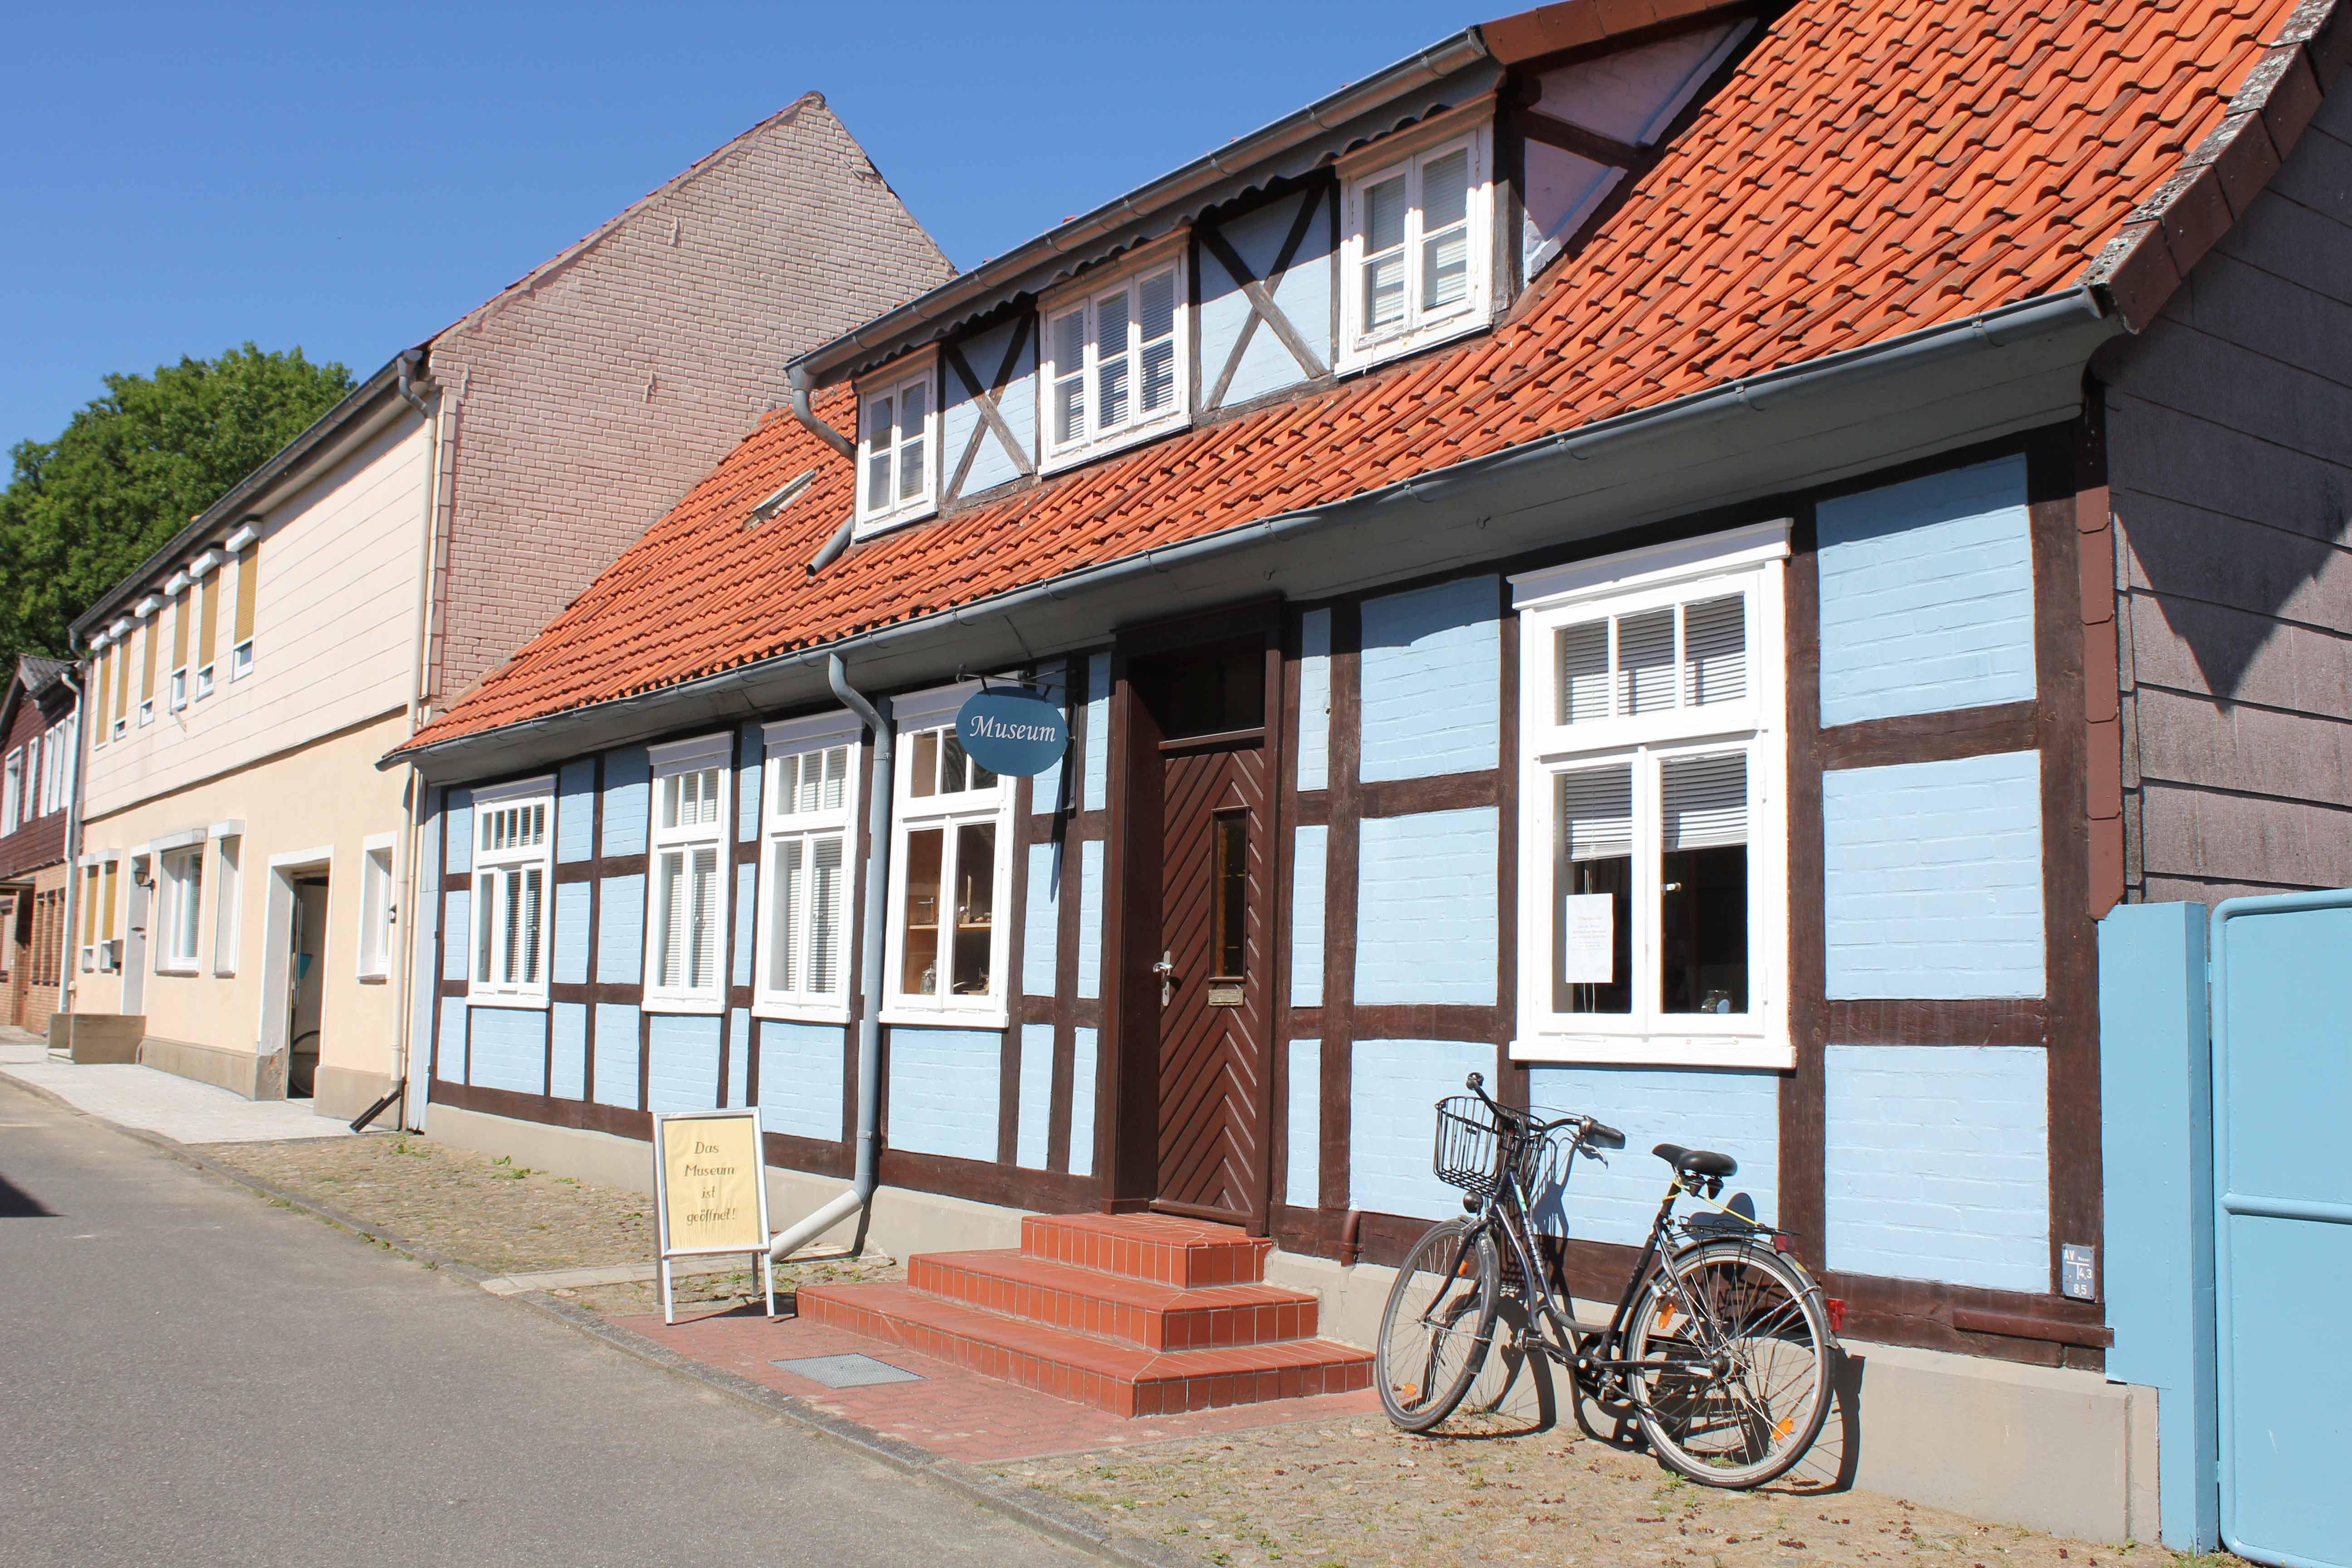 Blaue Haus Museum Clenze Urlaubsregion Wendland Elbe